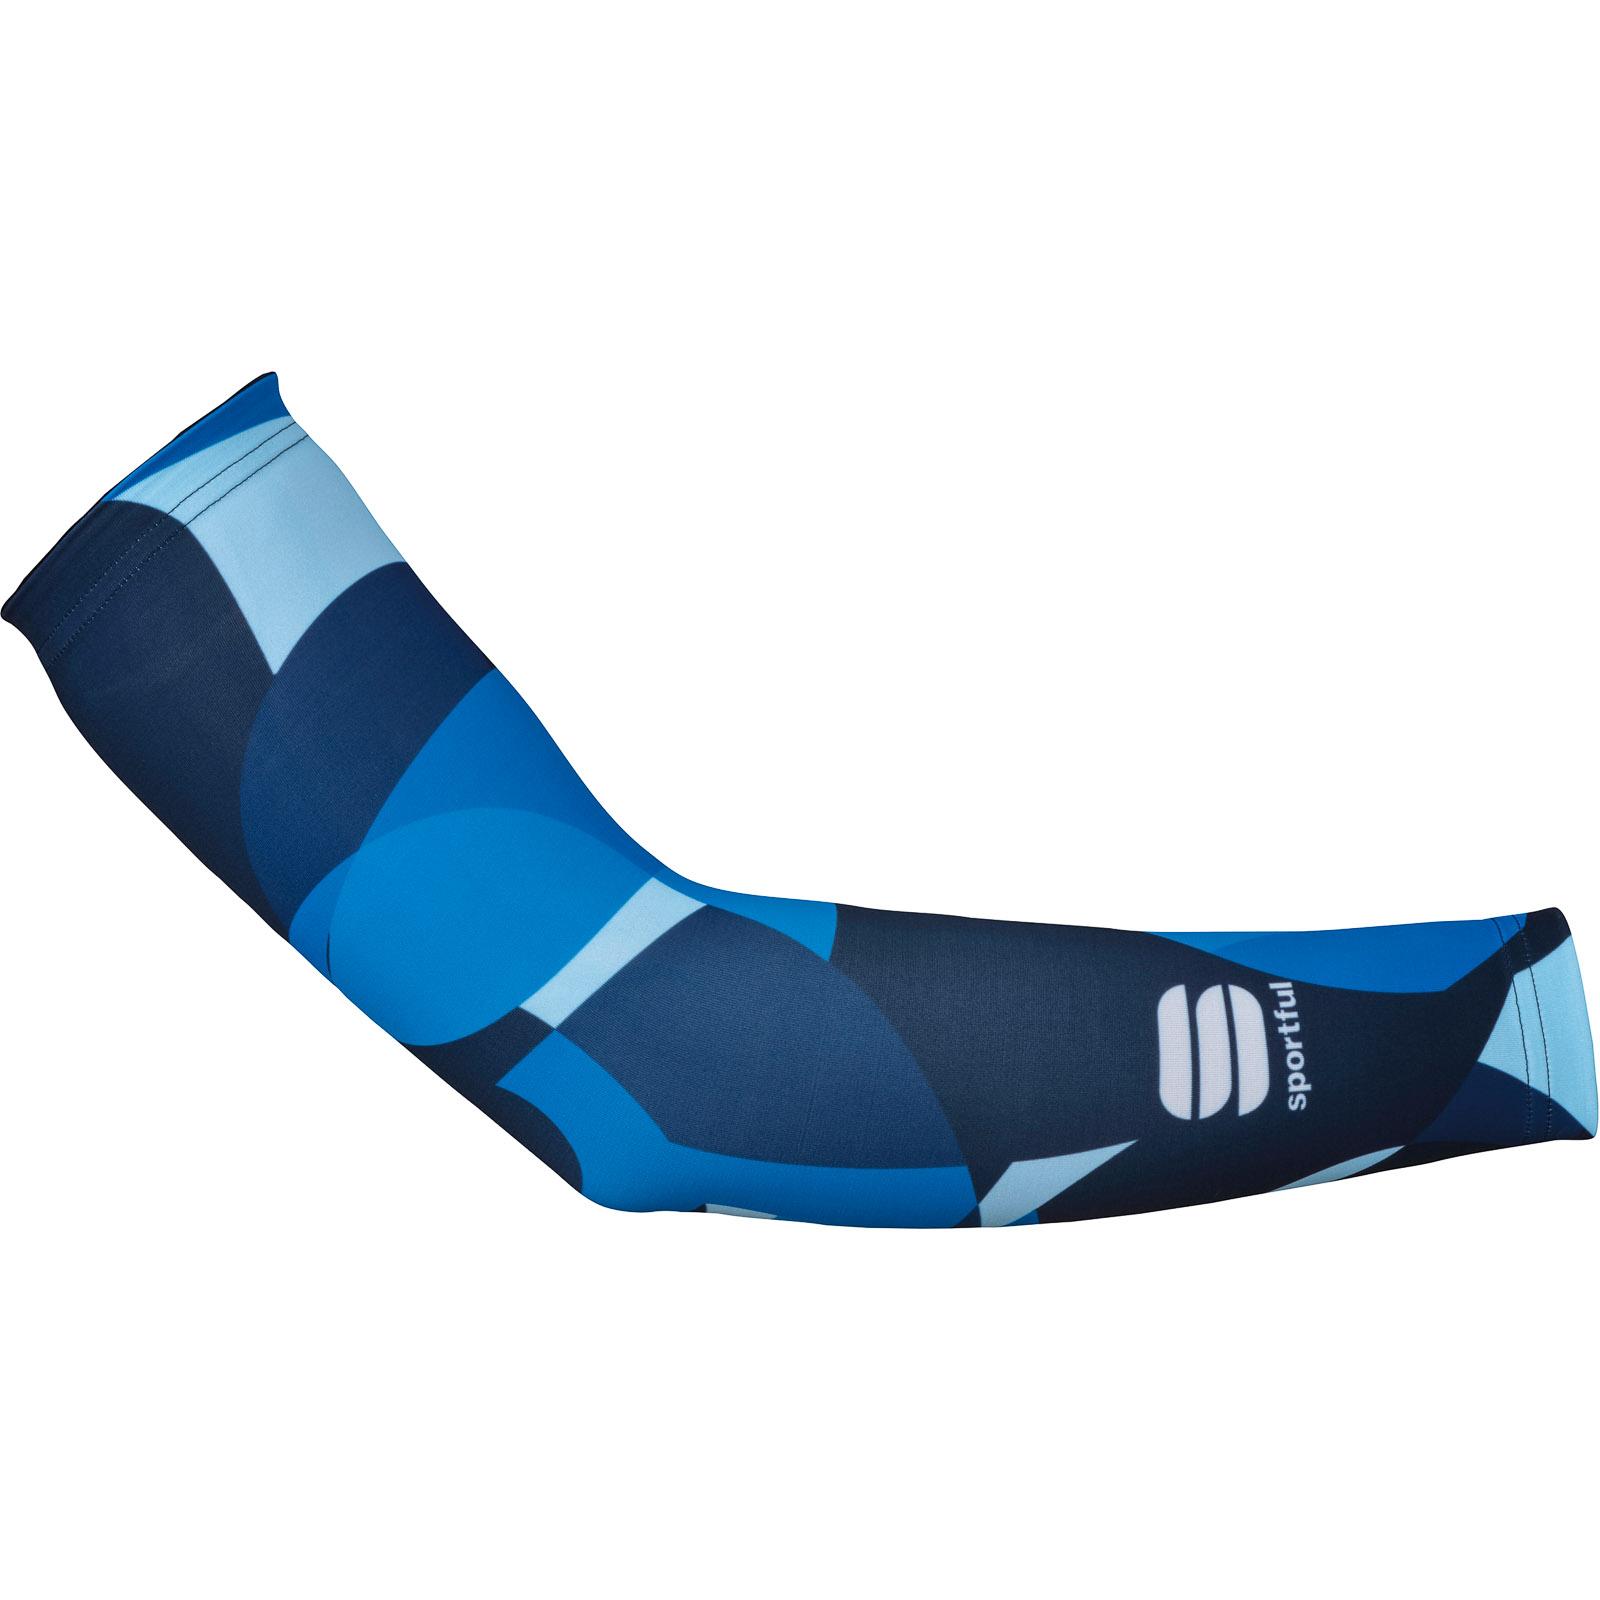 83d971d77 Sportful Primavera návleky na ruky modré